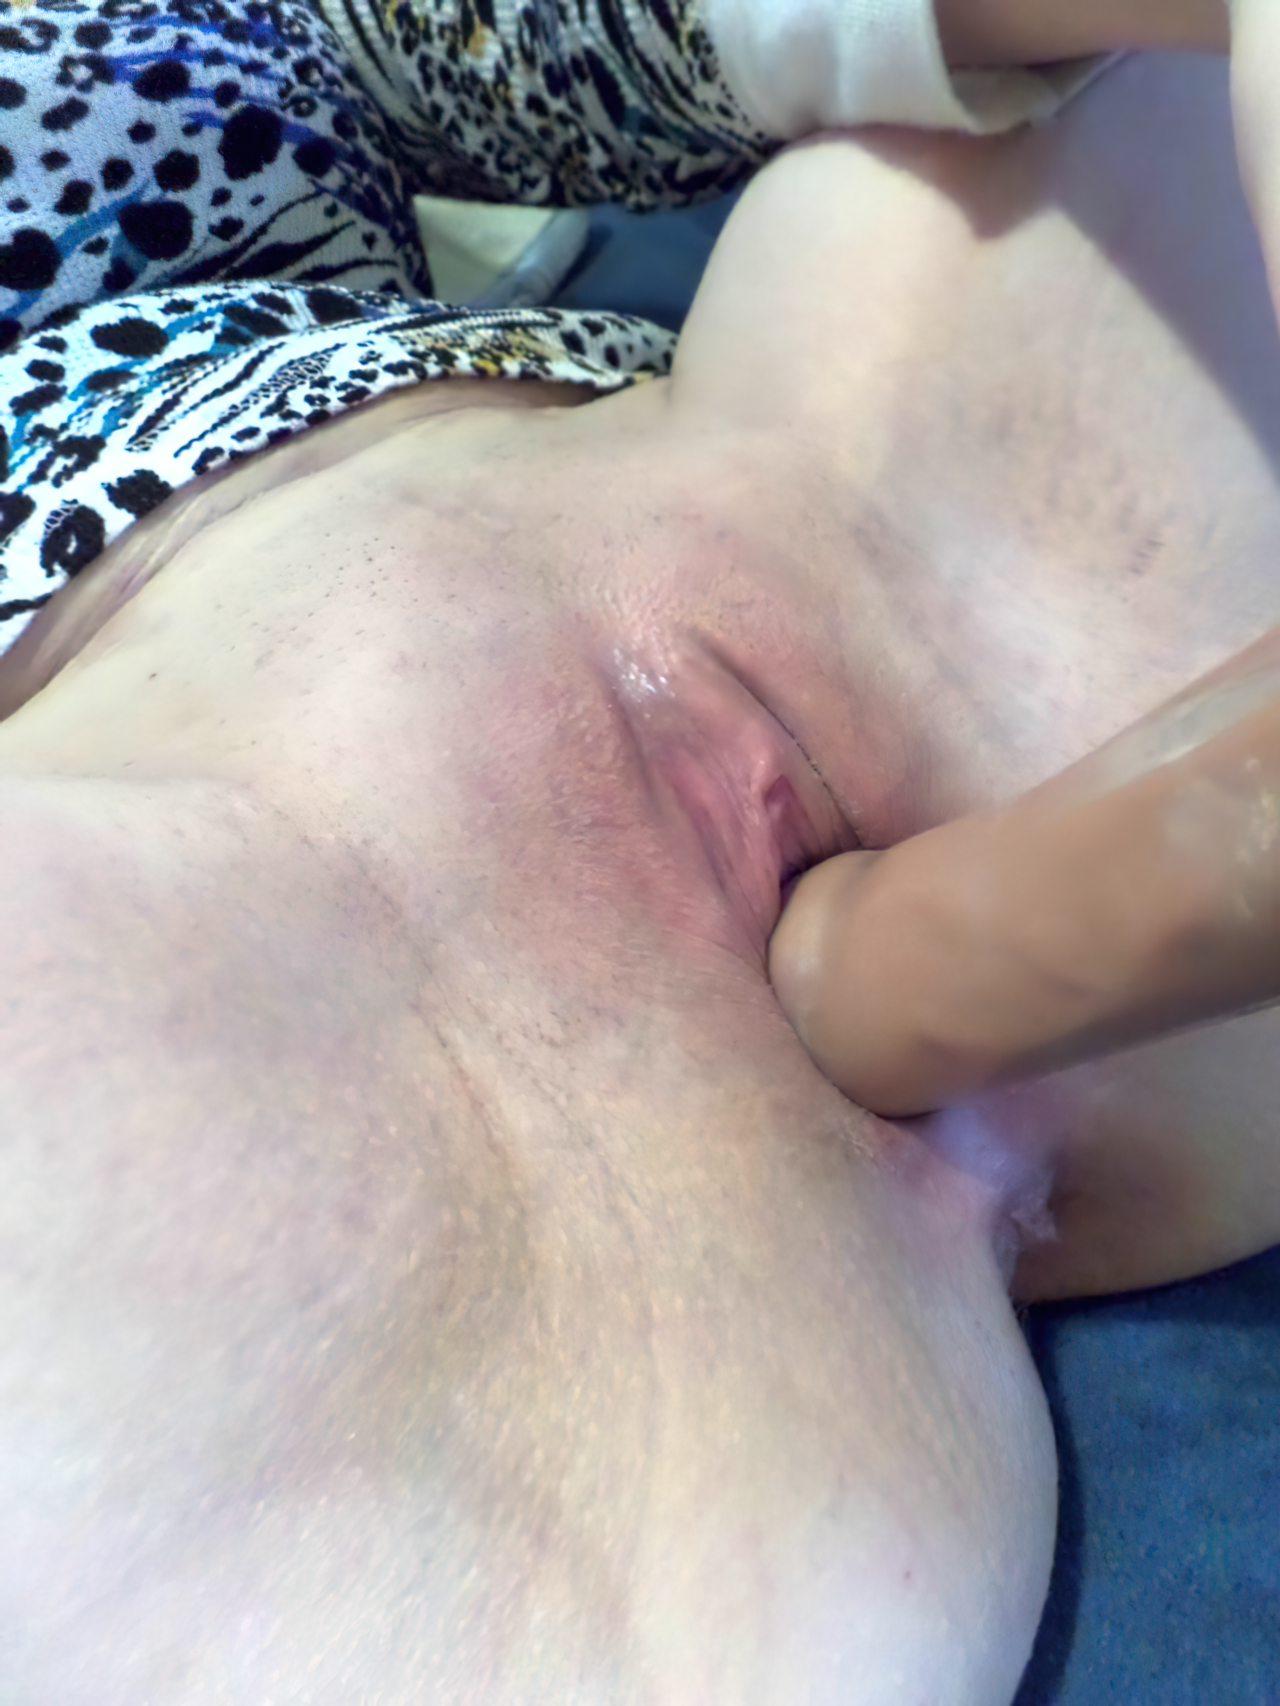 Bucetuda Carente (4)